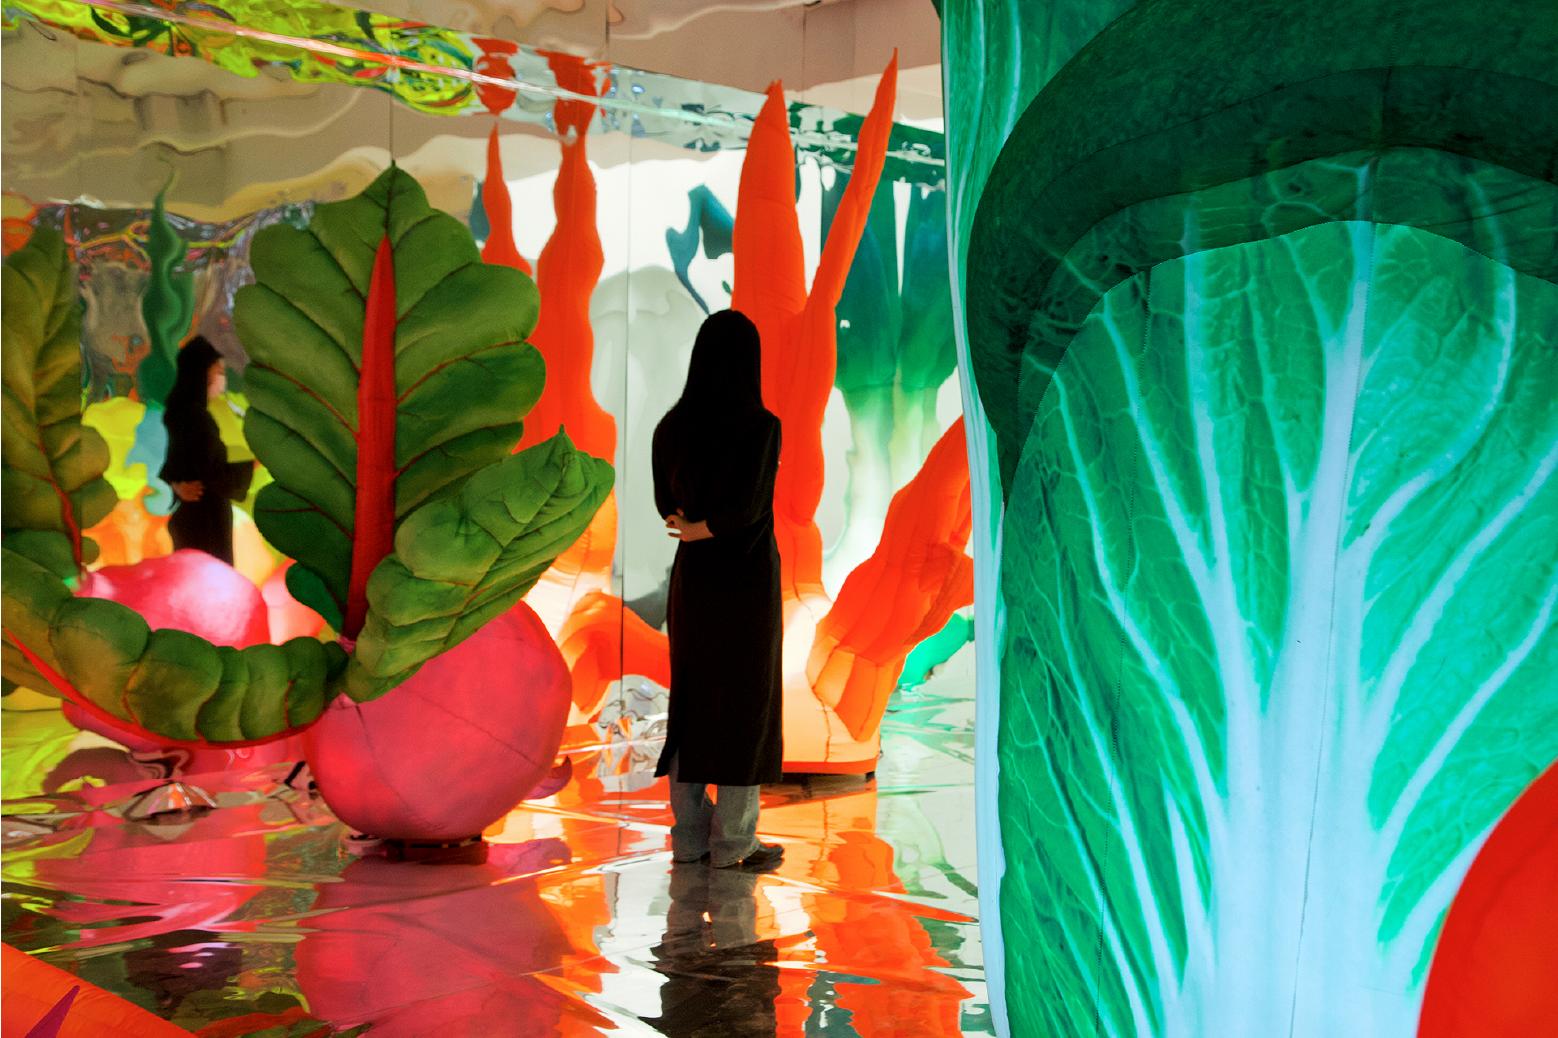 Девушка стоит между большими разноцветными инсталляциями, похожих на овощи.